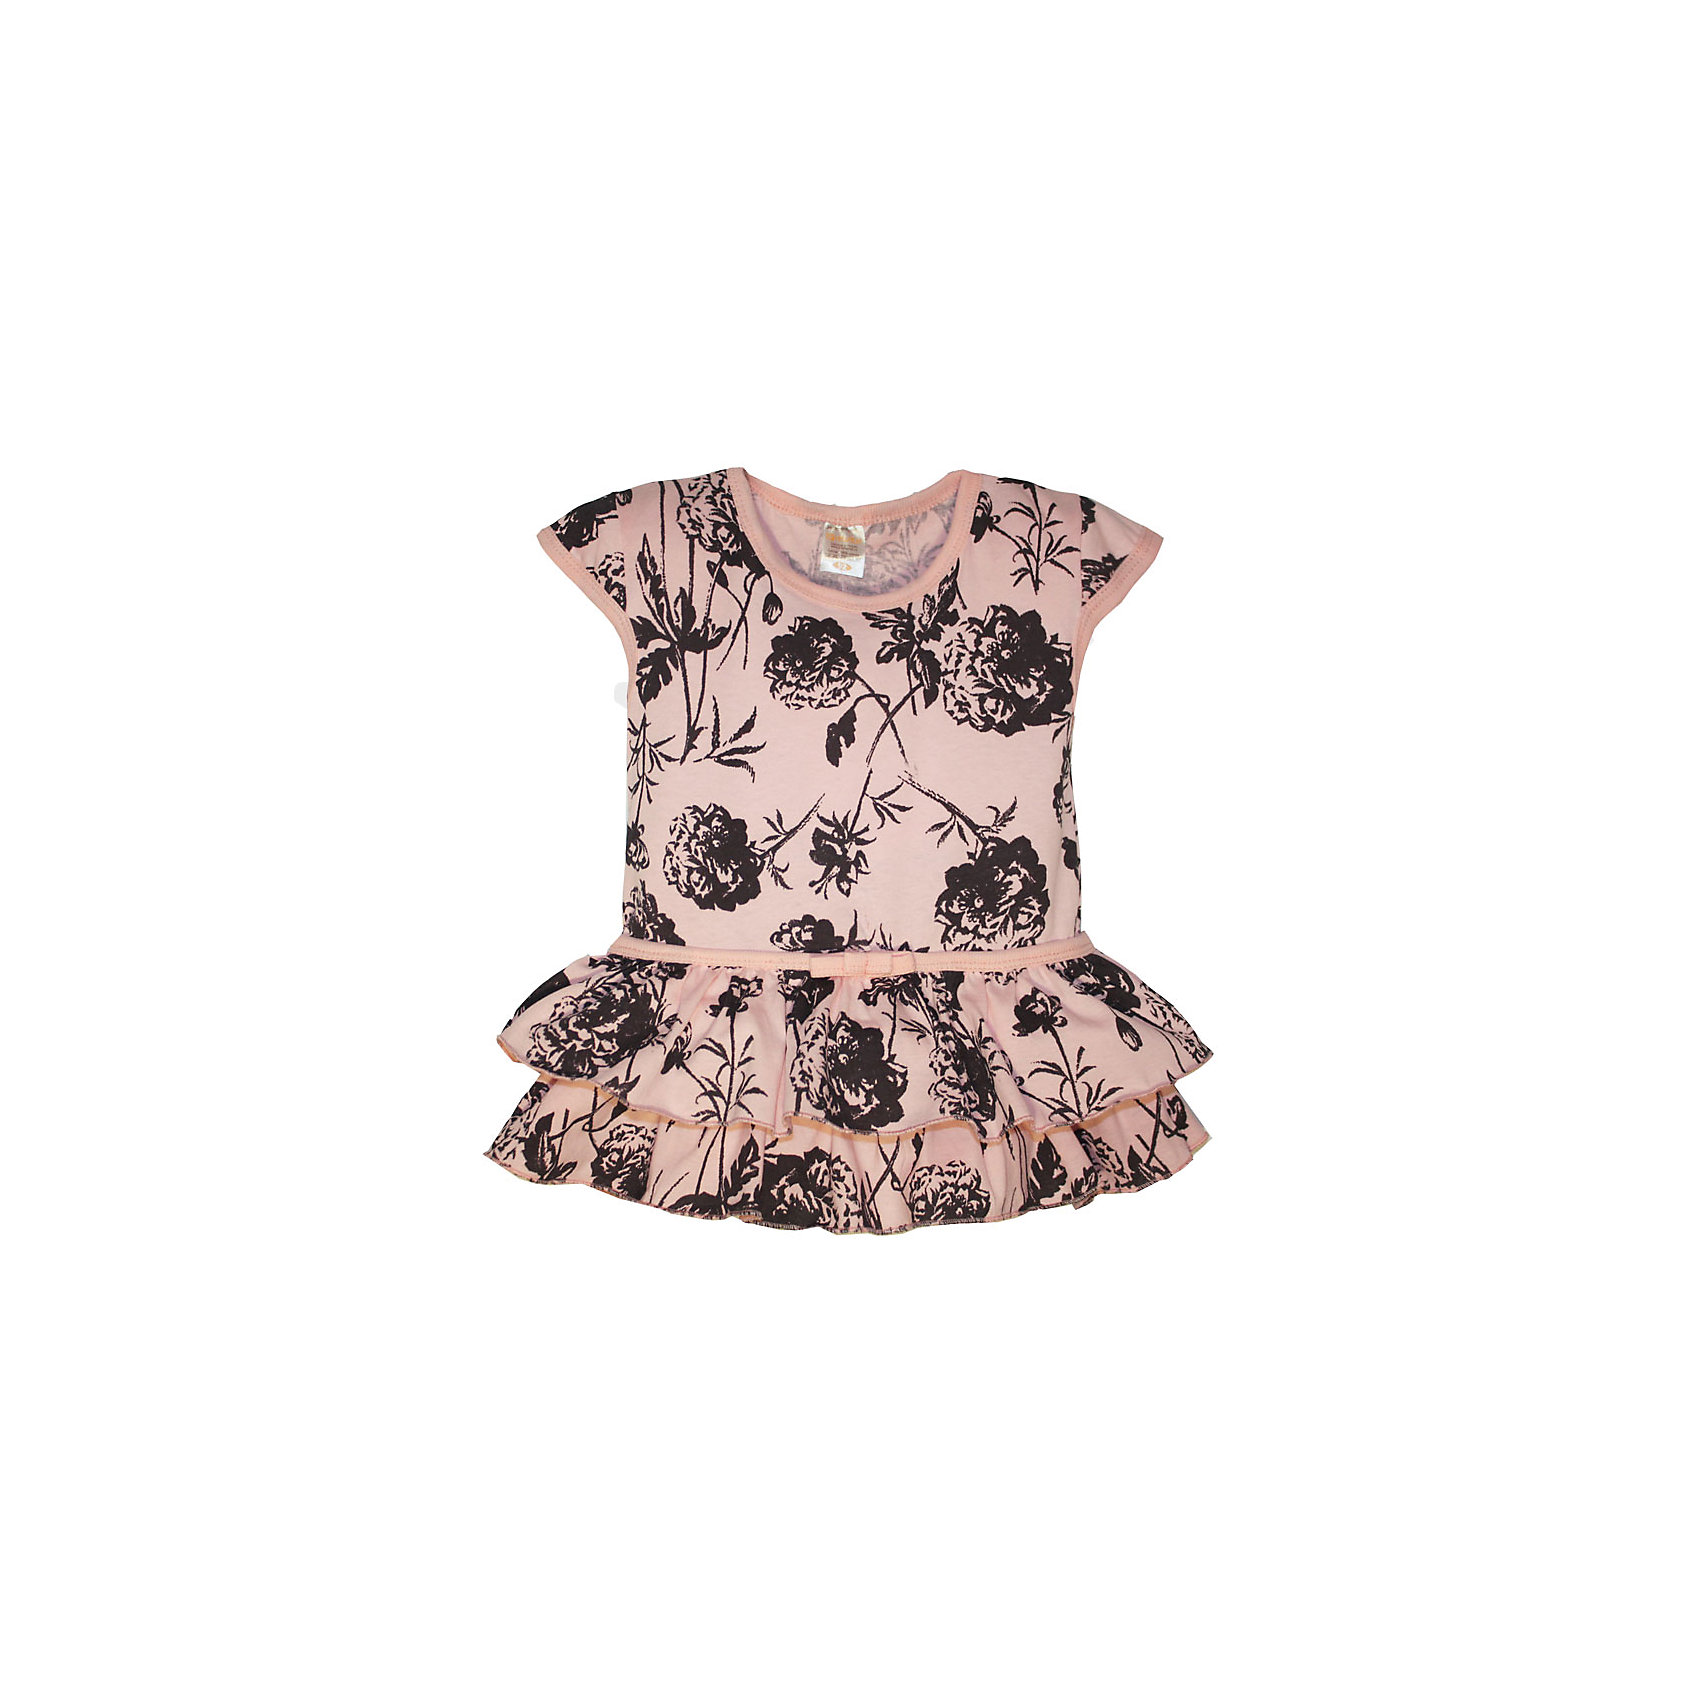 Платье для девочки KotMarKotПлатья и сарафаны<br>Платье для девочки KotMarKot<br>Состав:<br>100% хлопок<br><br>Ширина мм: 236<br>Глубина мм: 16<br>Высота мм: 184<br>Вес г: 177<br>Цвет: розовый<br>Возраст от месяцев: 72<br>Возраст до месяцев: 84<br>Пол: Женский<br>Возраст: Детский<br>Размер: 122,92,98,104,110,116<br>SKU: 6755189